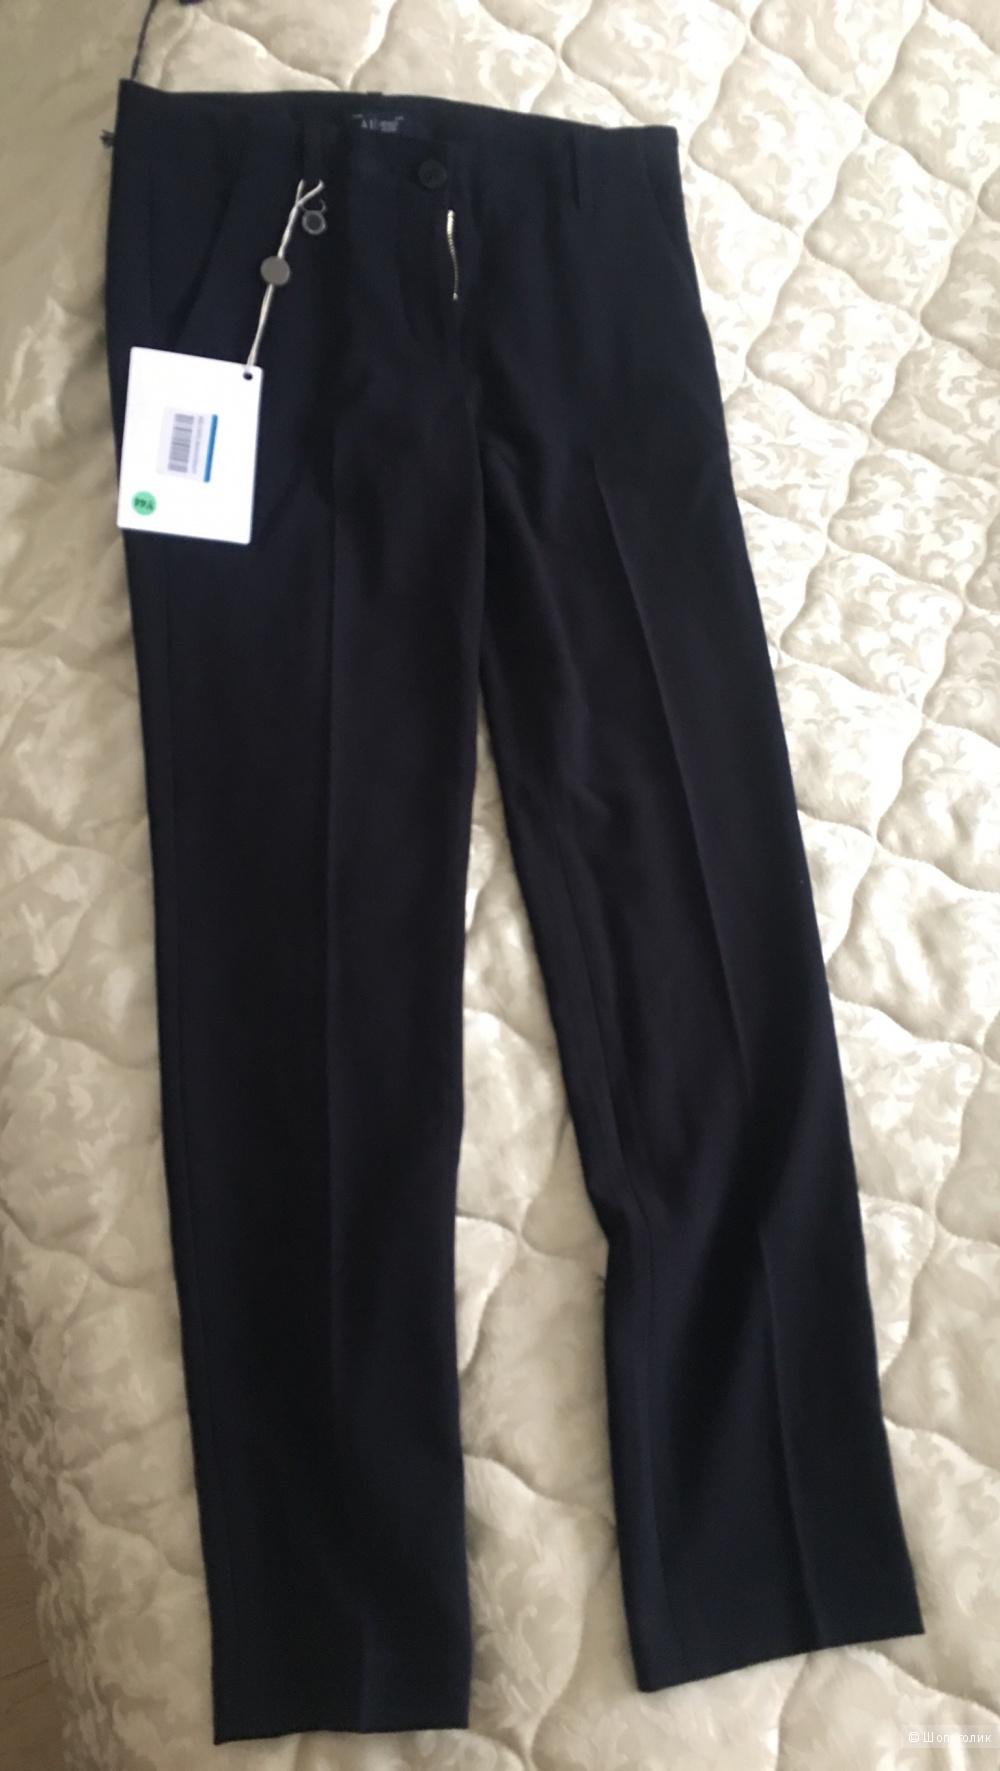 Брюки Armani Jeans, размер 42